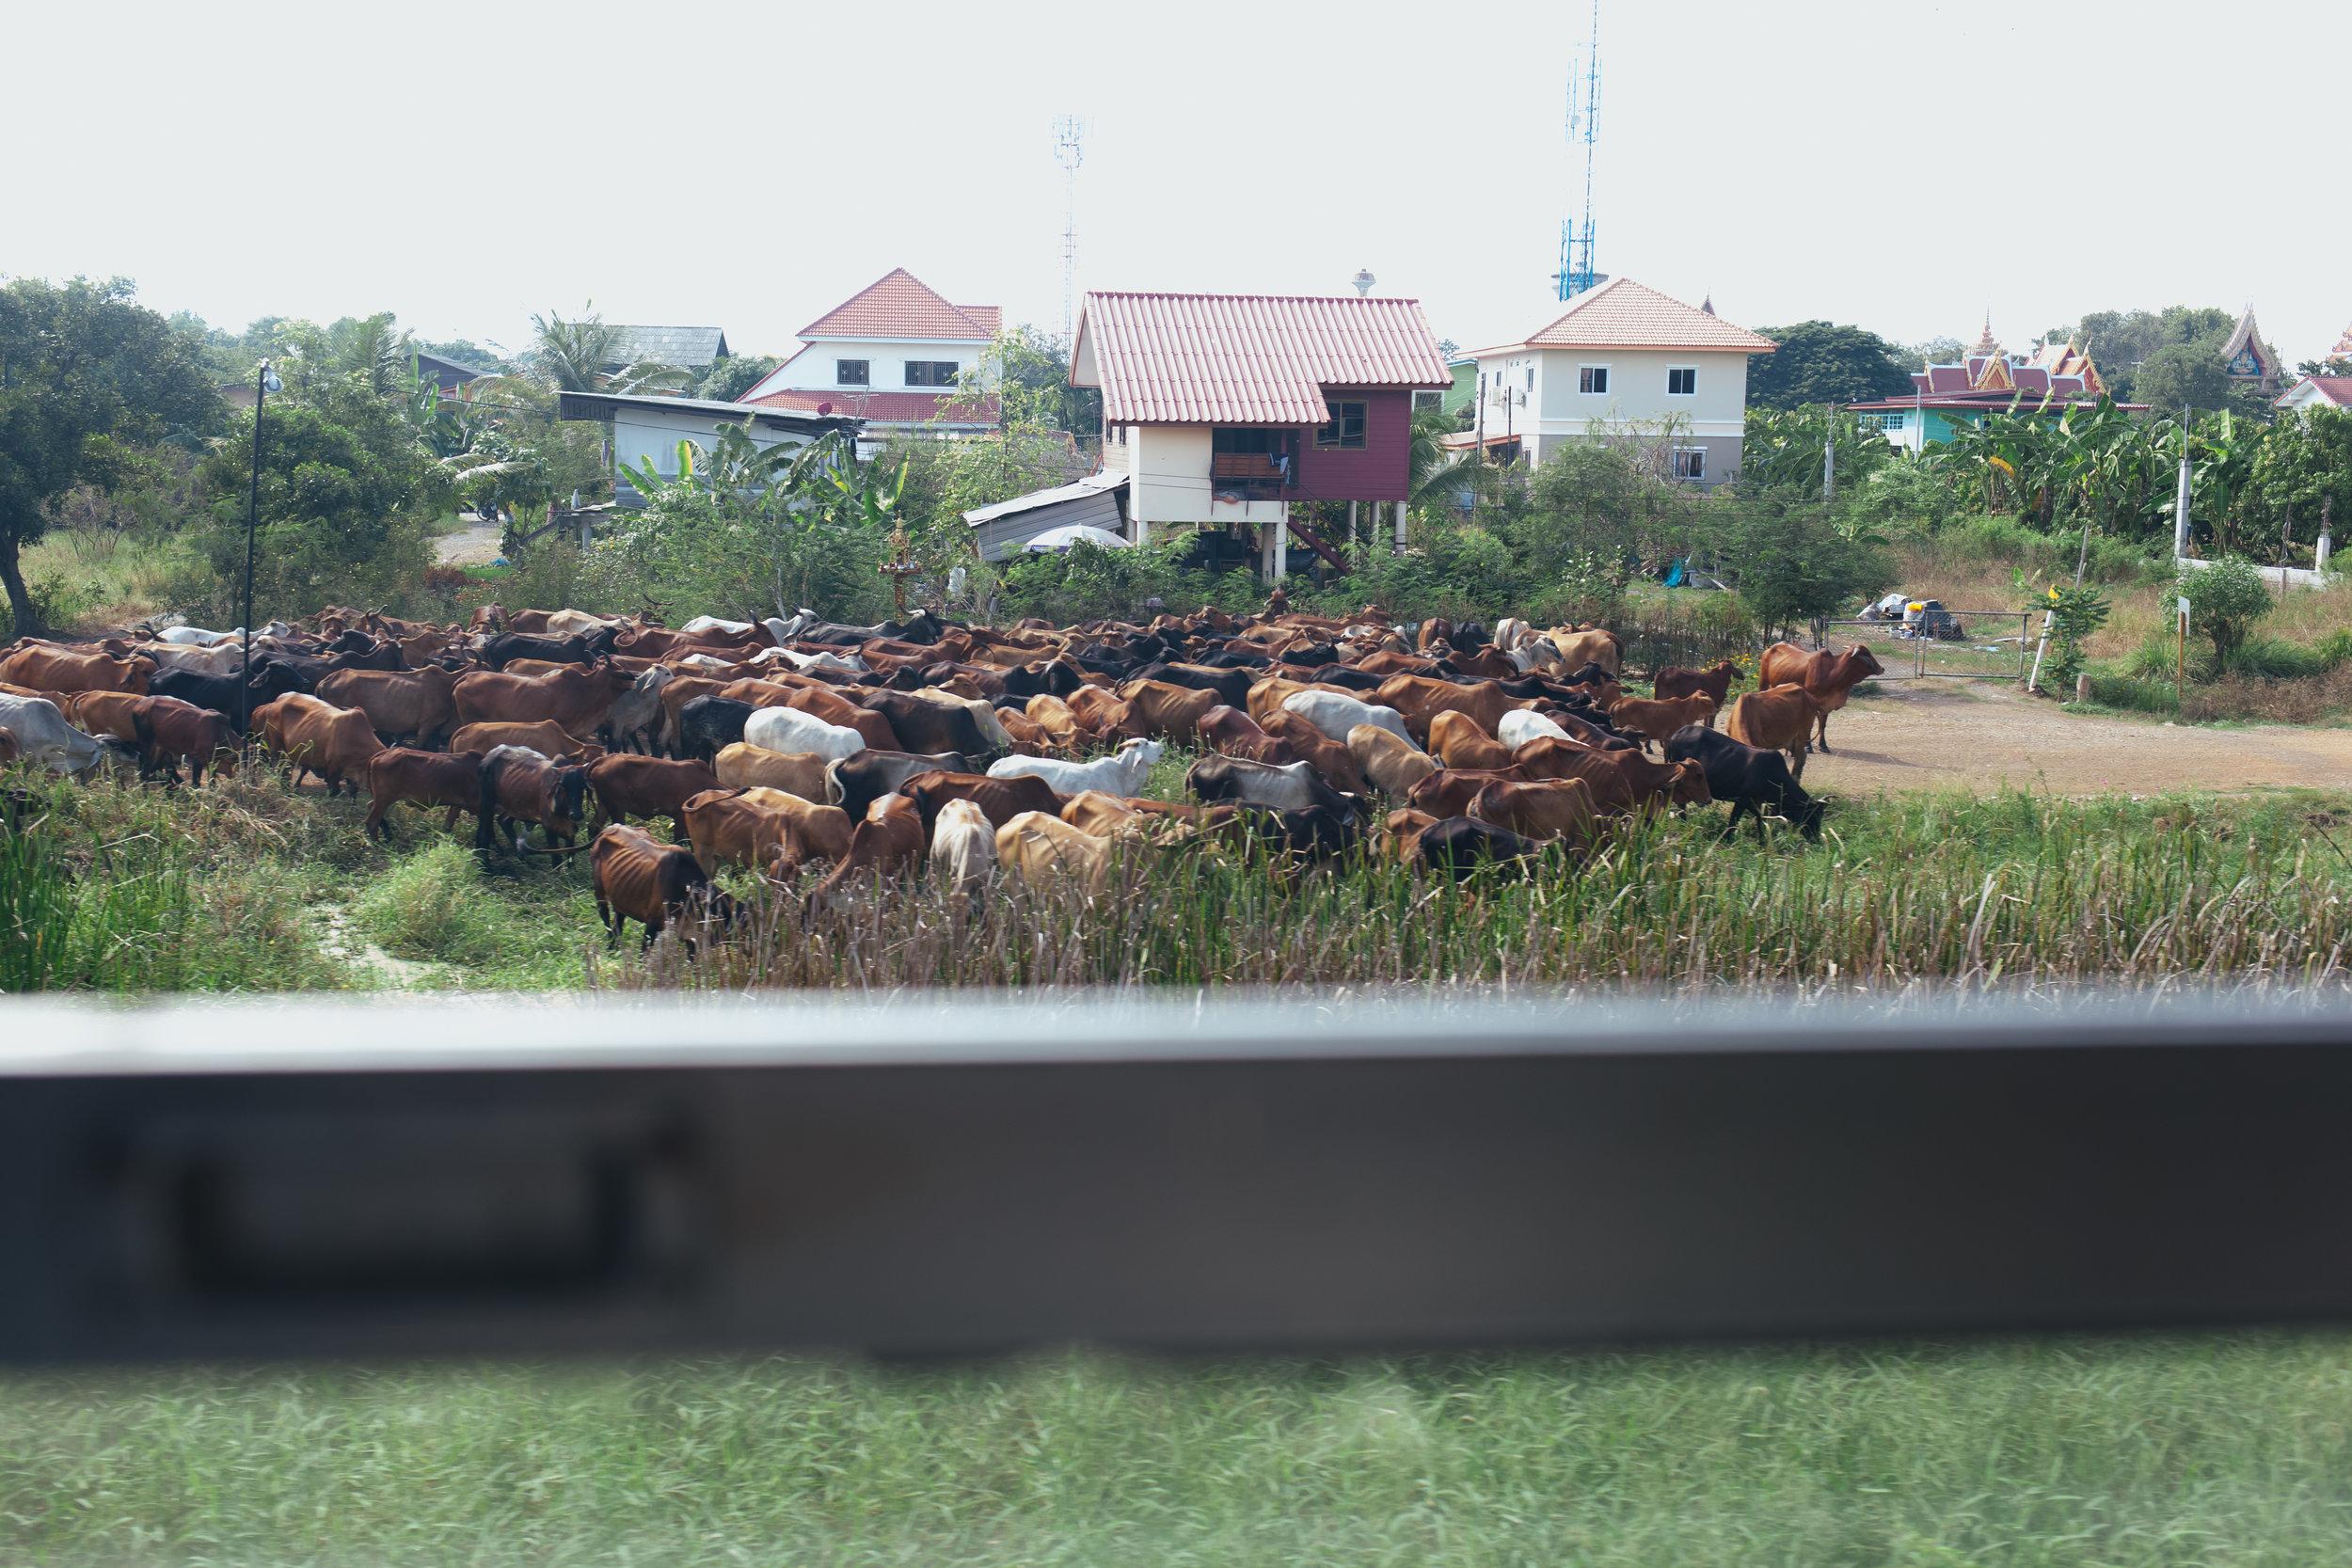 thailand_lampang_ayuthaya_train (48 of 77).jpg